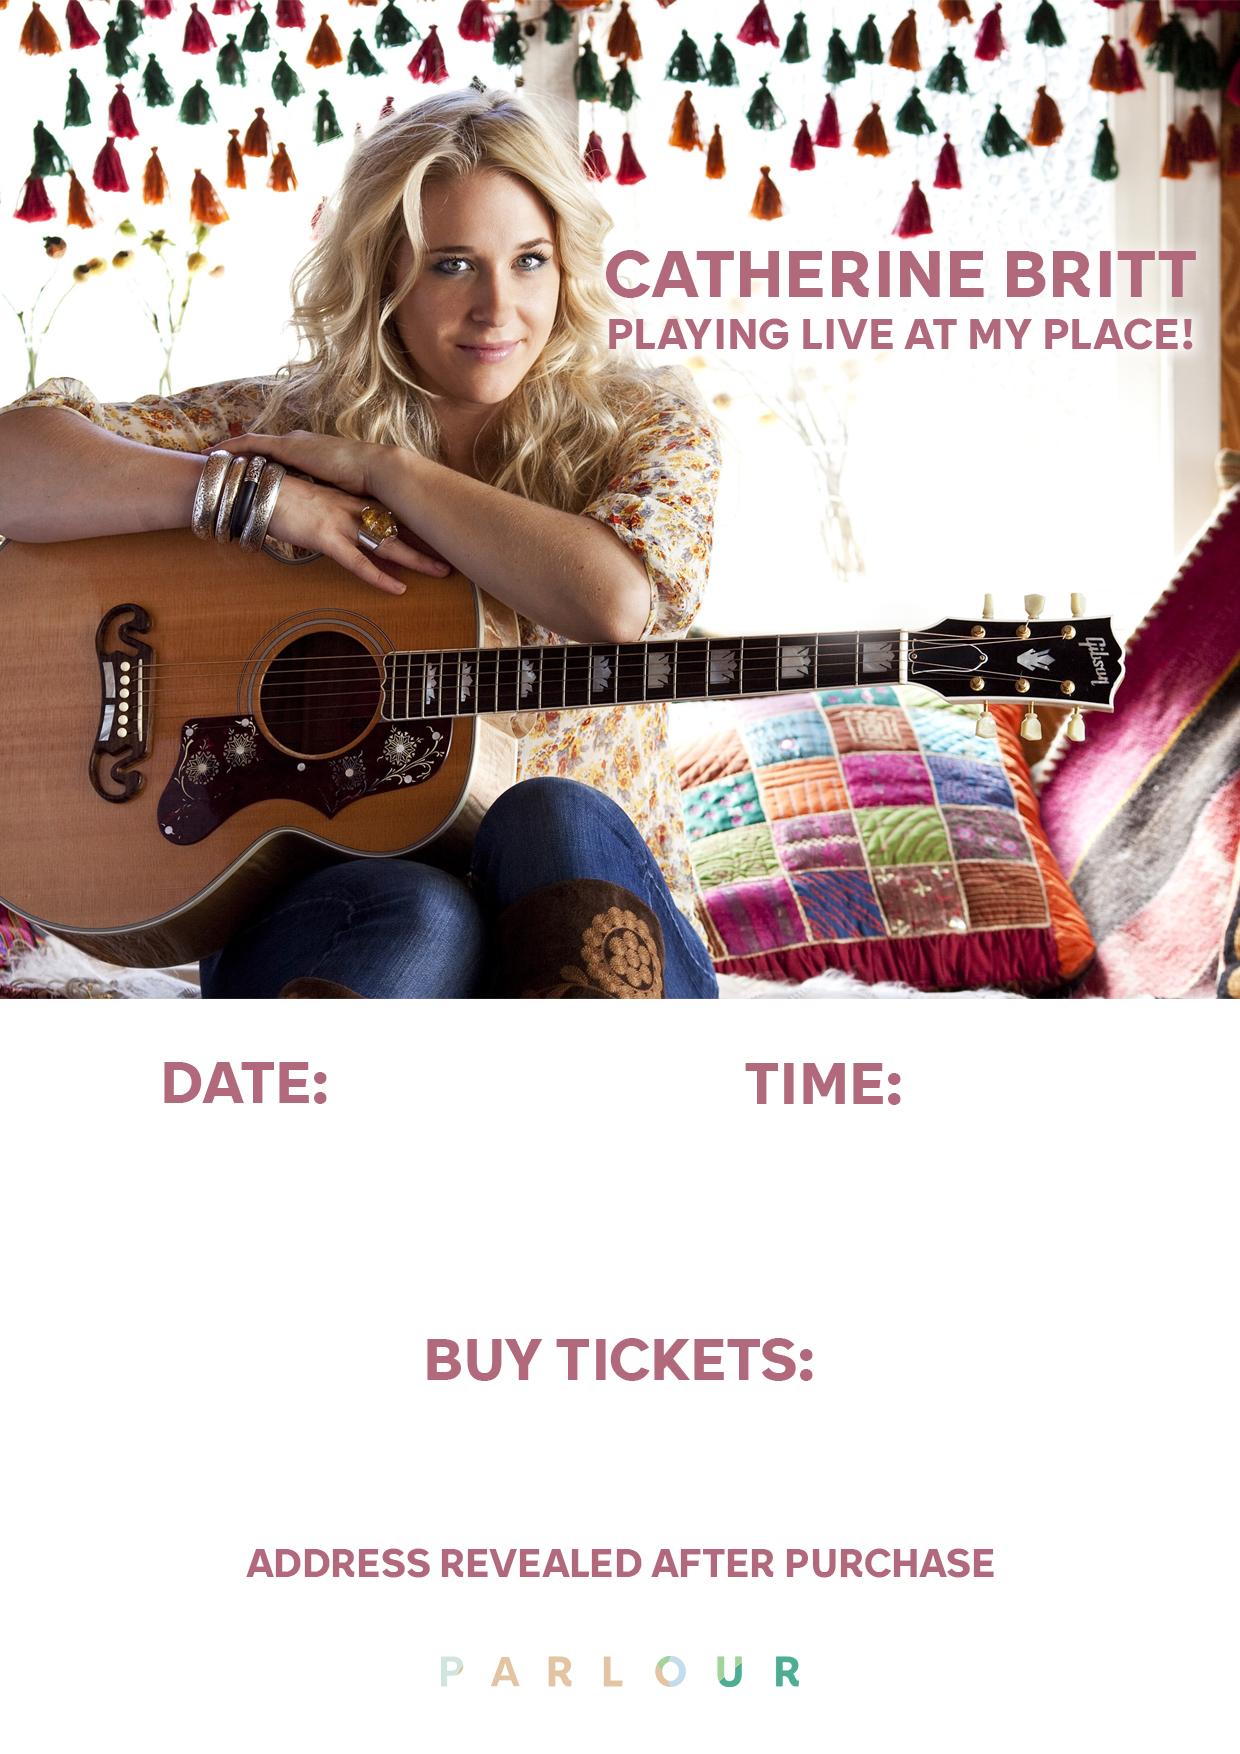 Cathrine Britt Poster.jpg